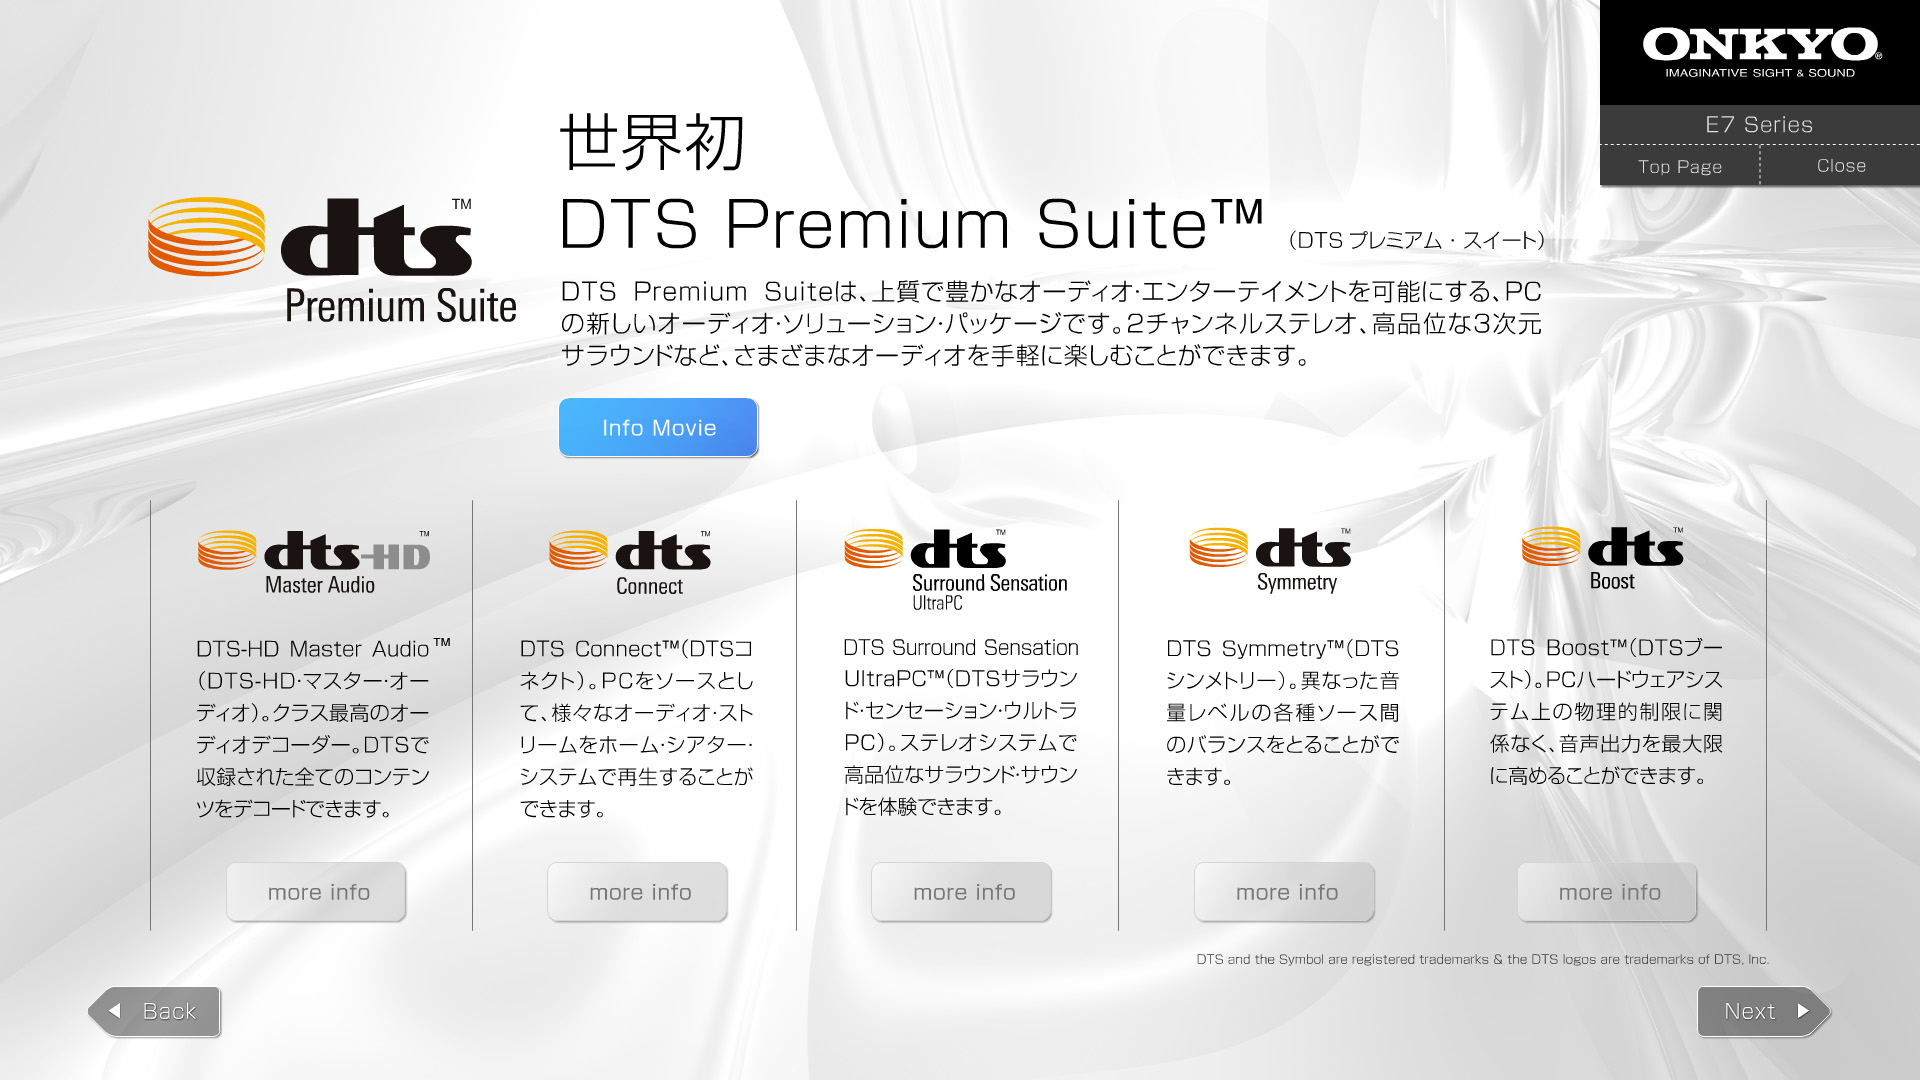 DTS Premium Suiteの説明画面